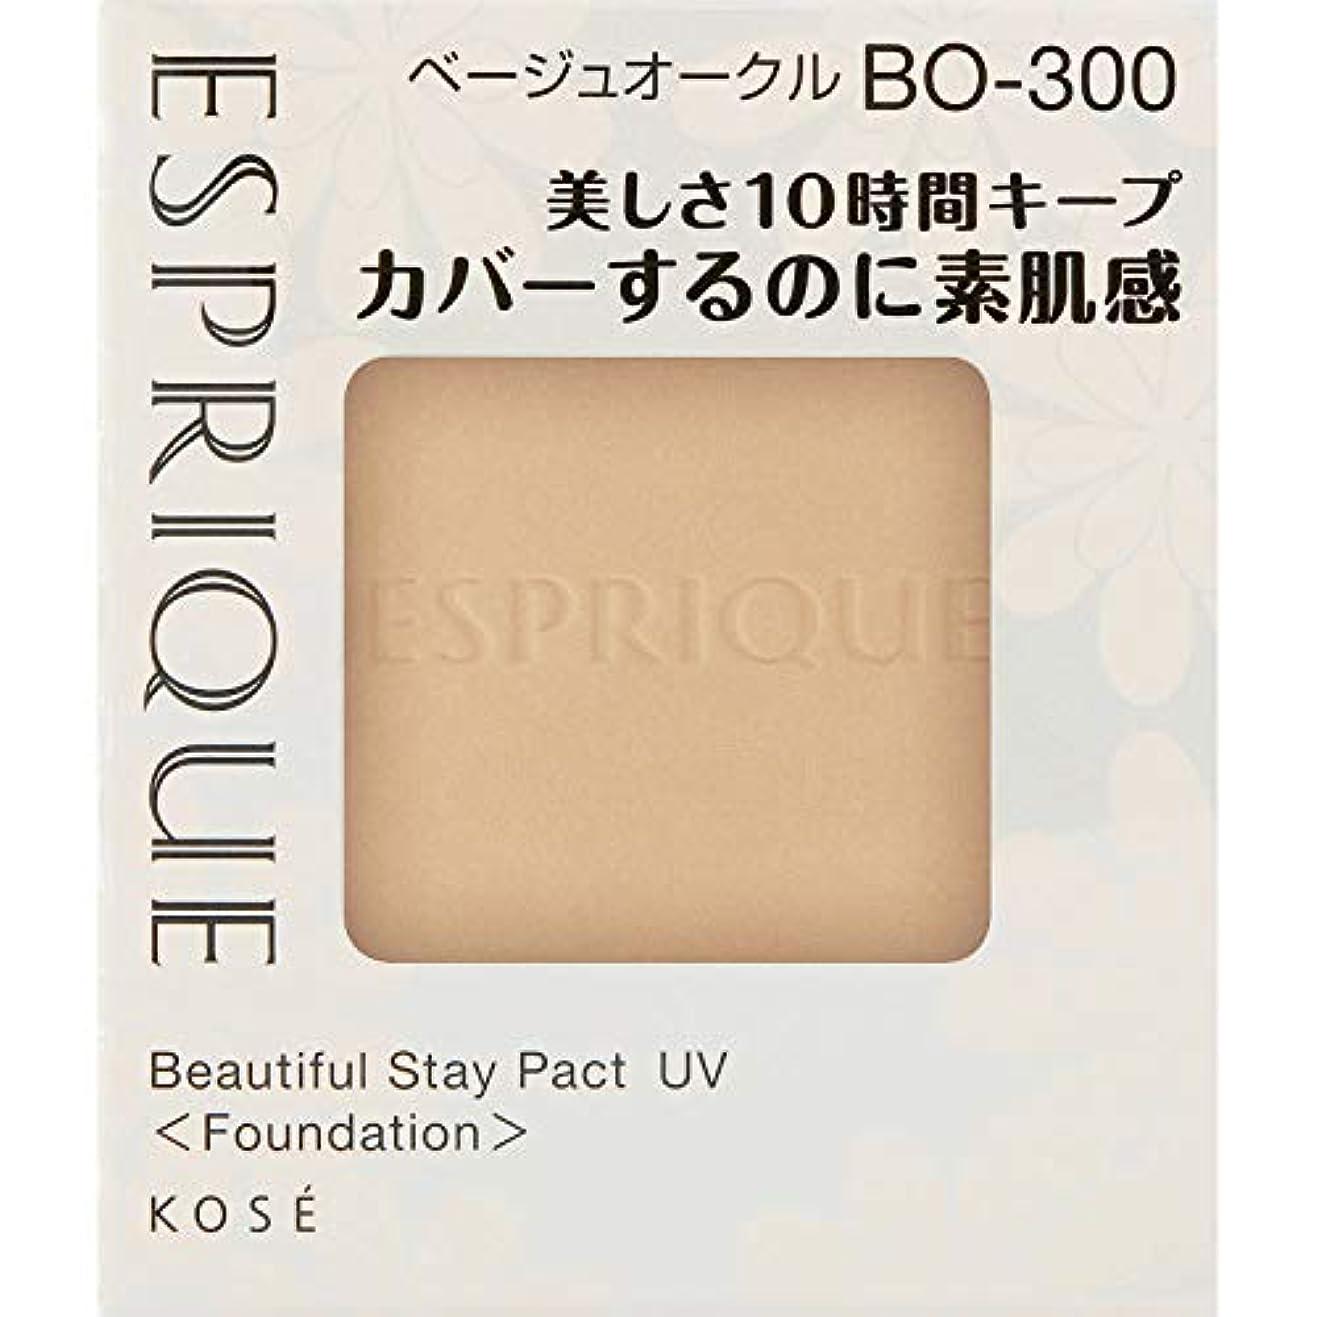 エンディング方法呼吸エスプリーク カバーするのに素肌感持続 パクト UV BO-300 ベージュオークル 9.3g